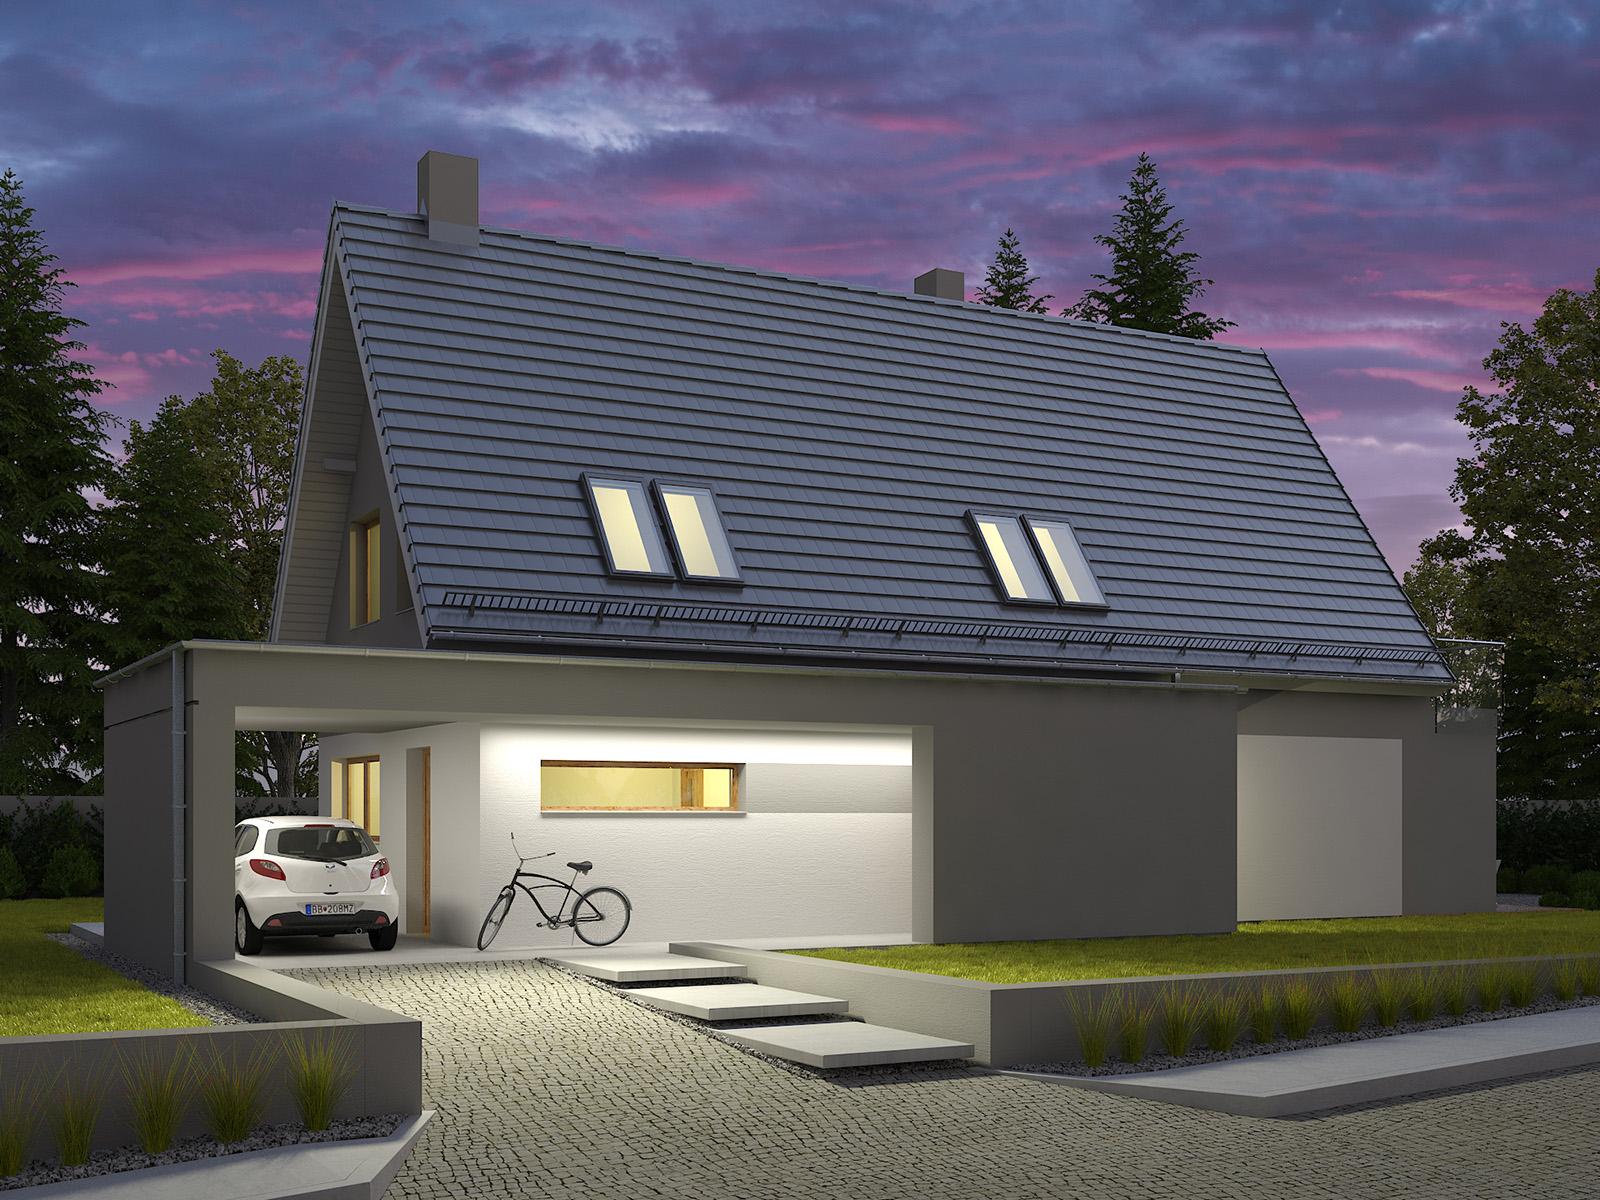 Projekt domu Z WIDOKIEM Domy Czystej Energii widok od boku